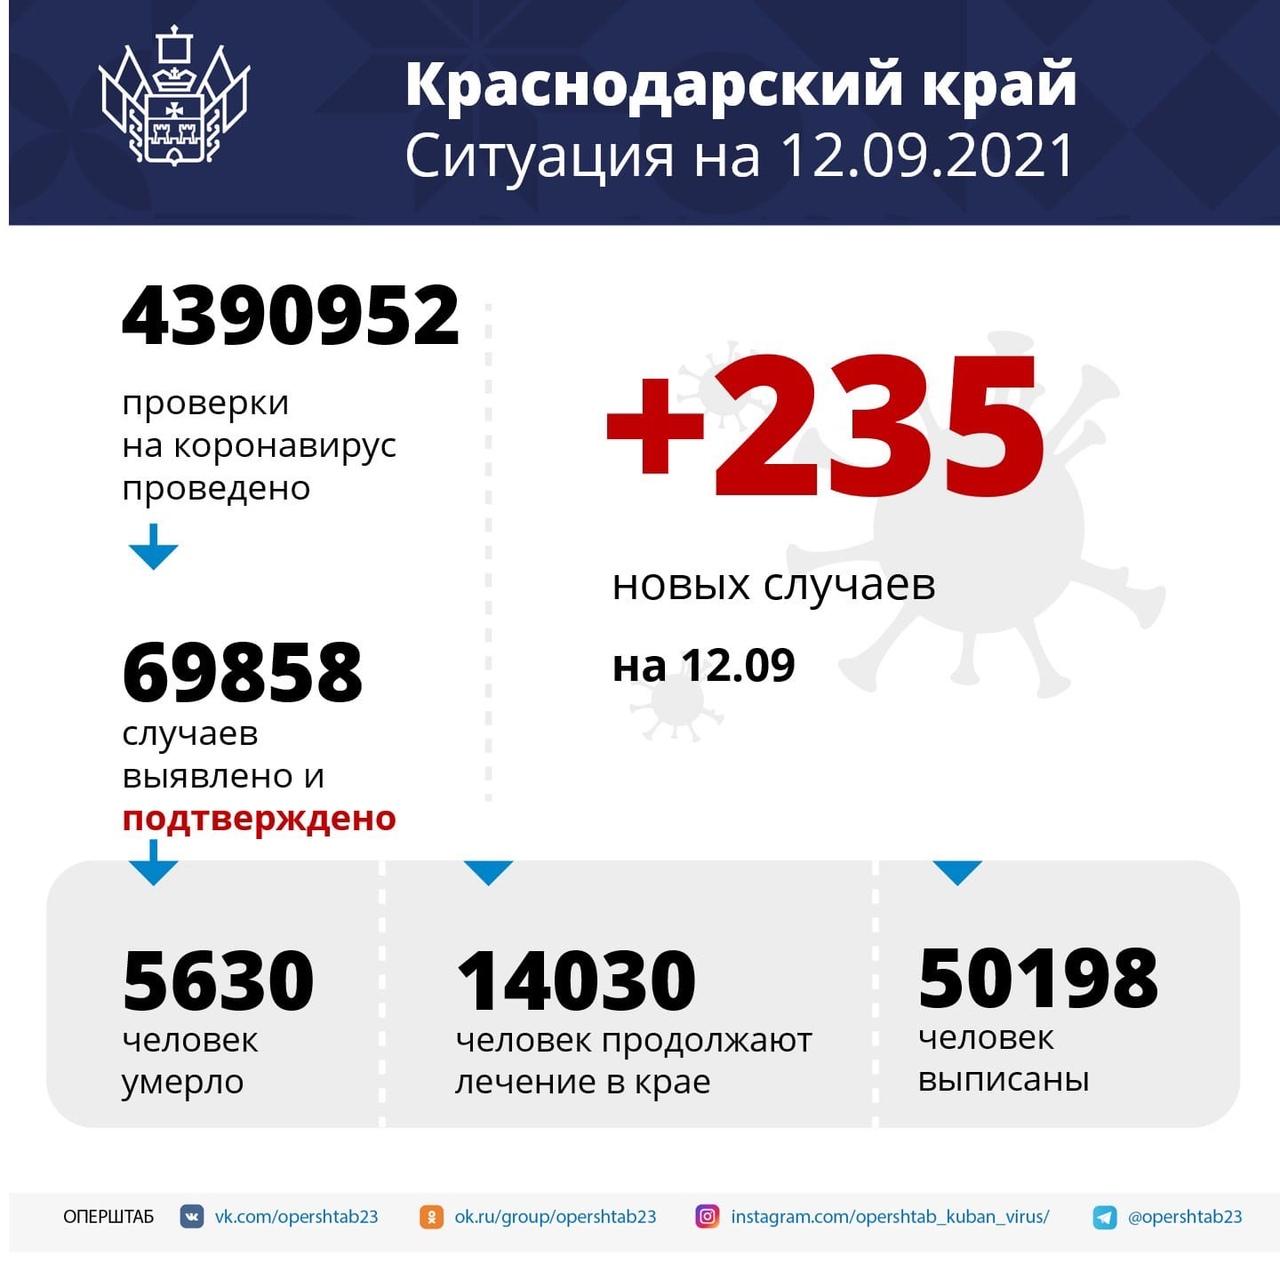 Более 14 тысяч жителей Кубани проходят лечение от...